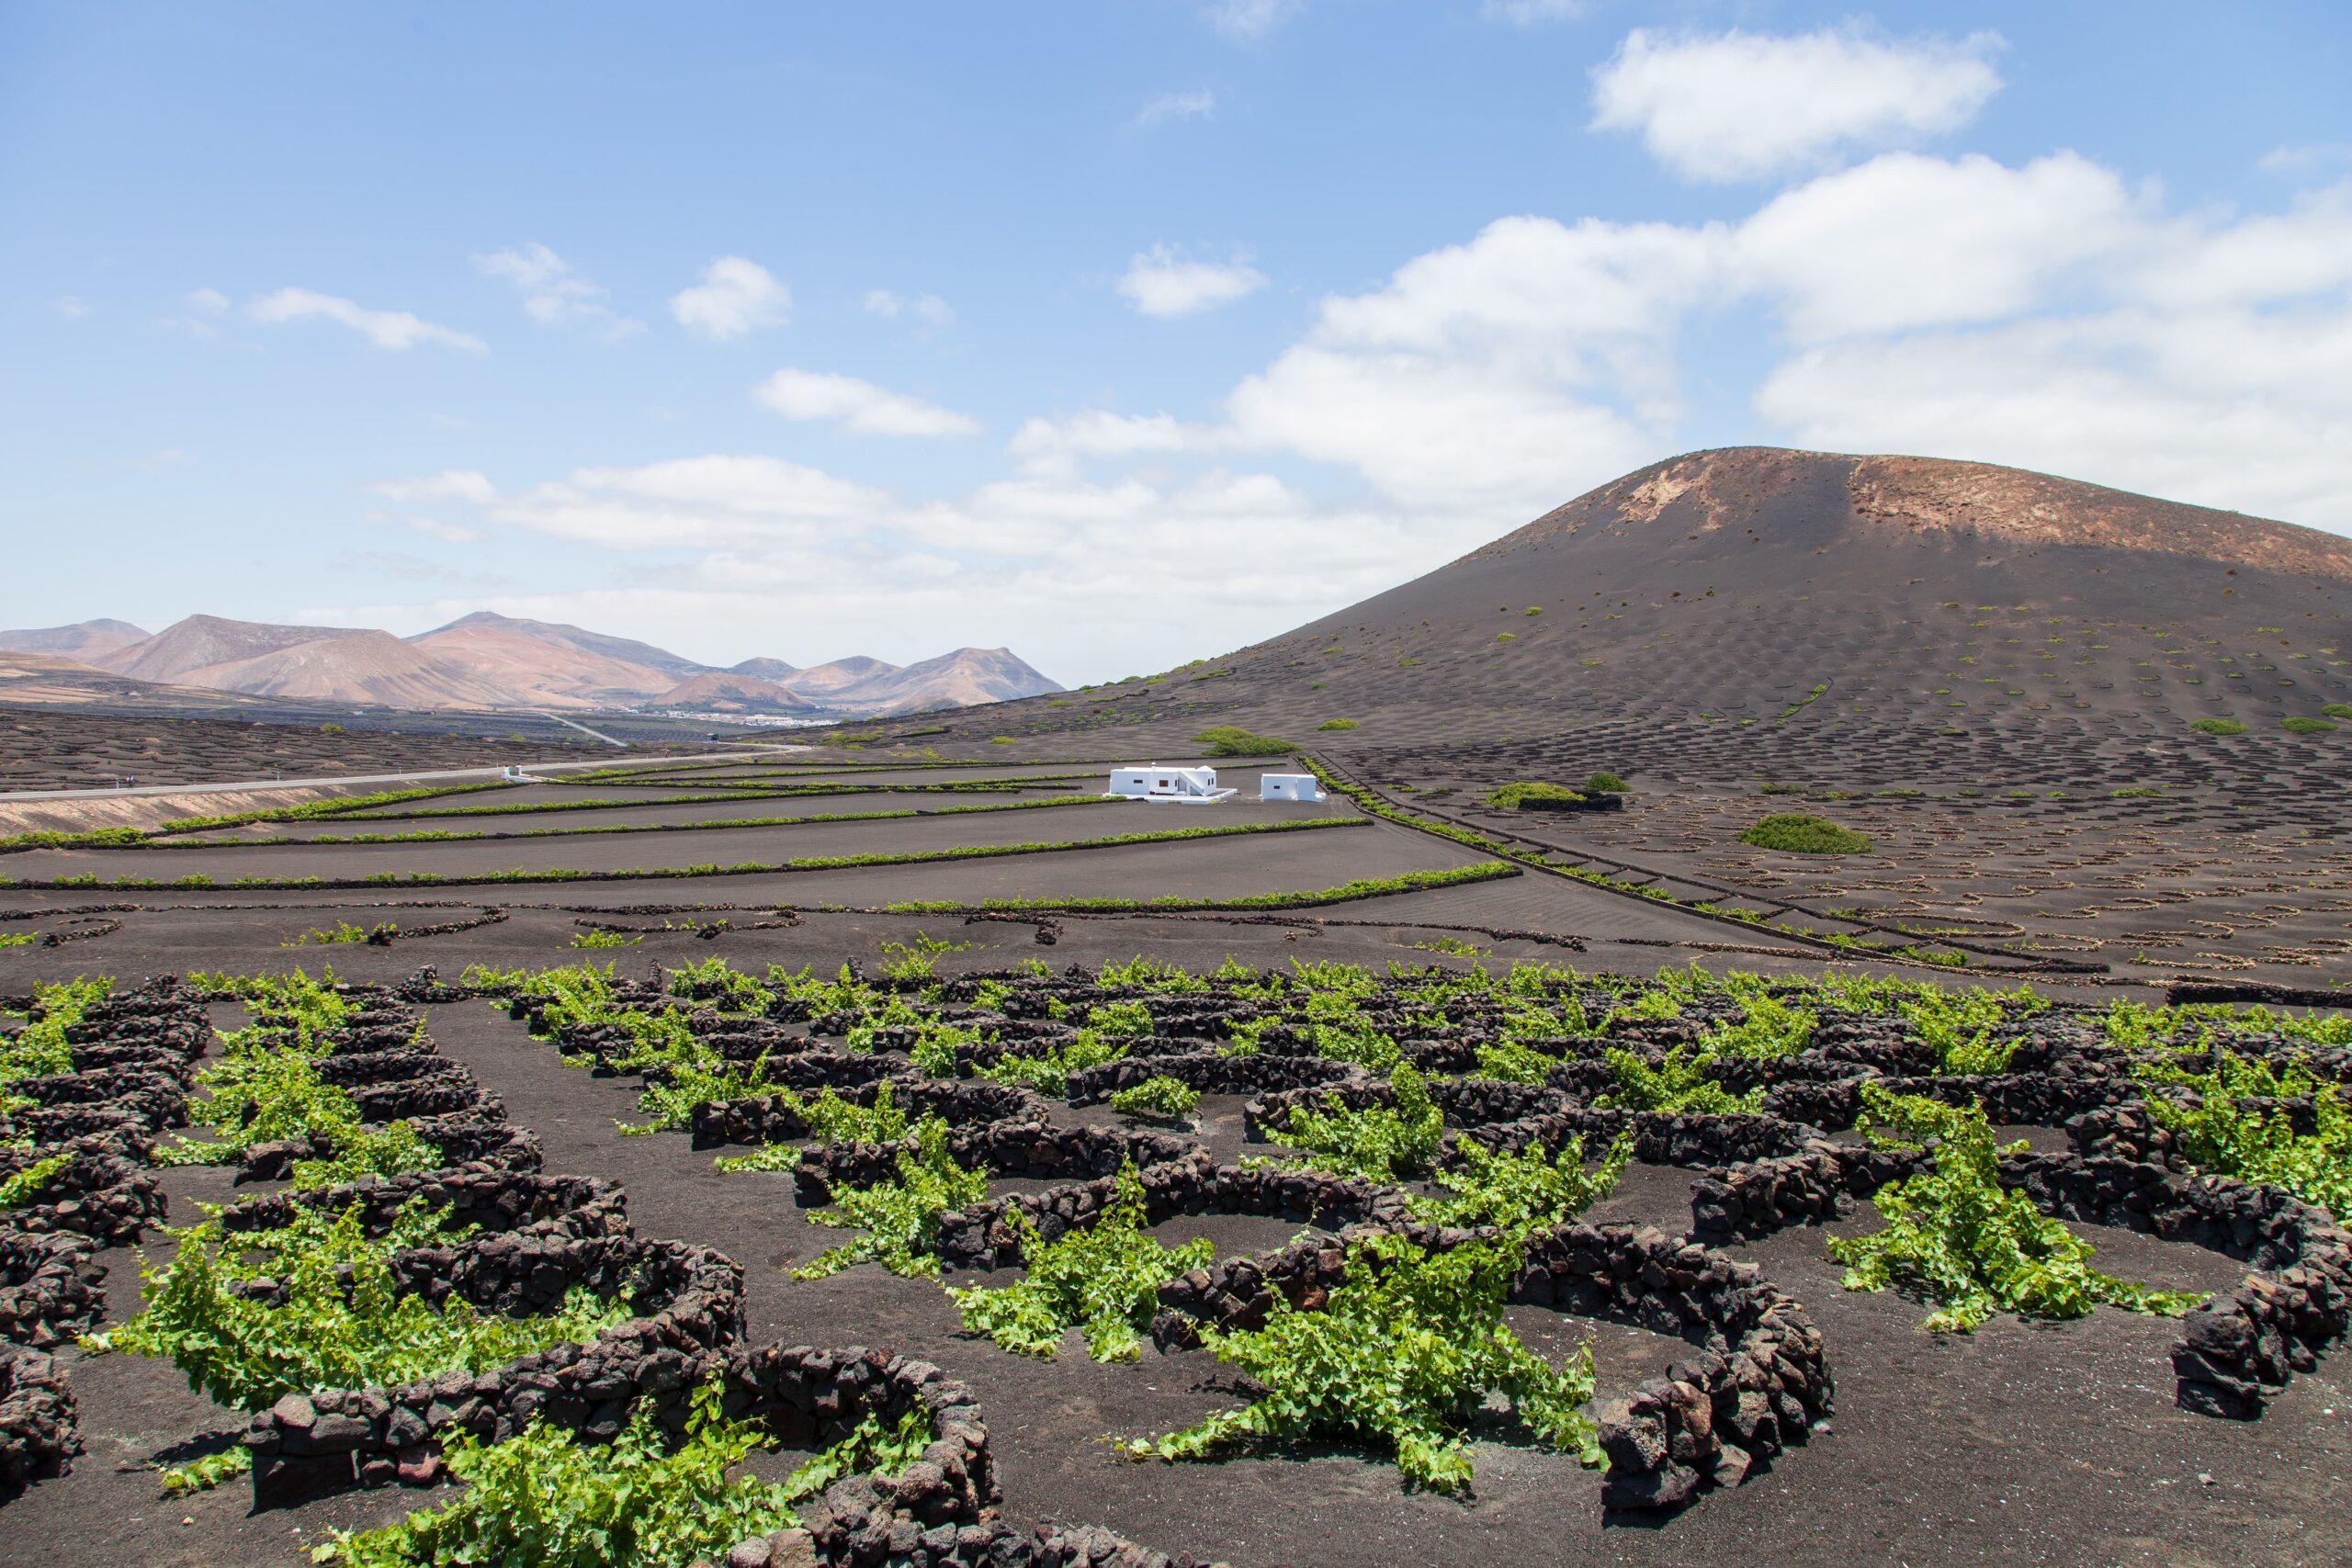 El Gobierno canario destina 3 millones de euros  al cultivo de la viña por hectárea